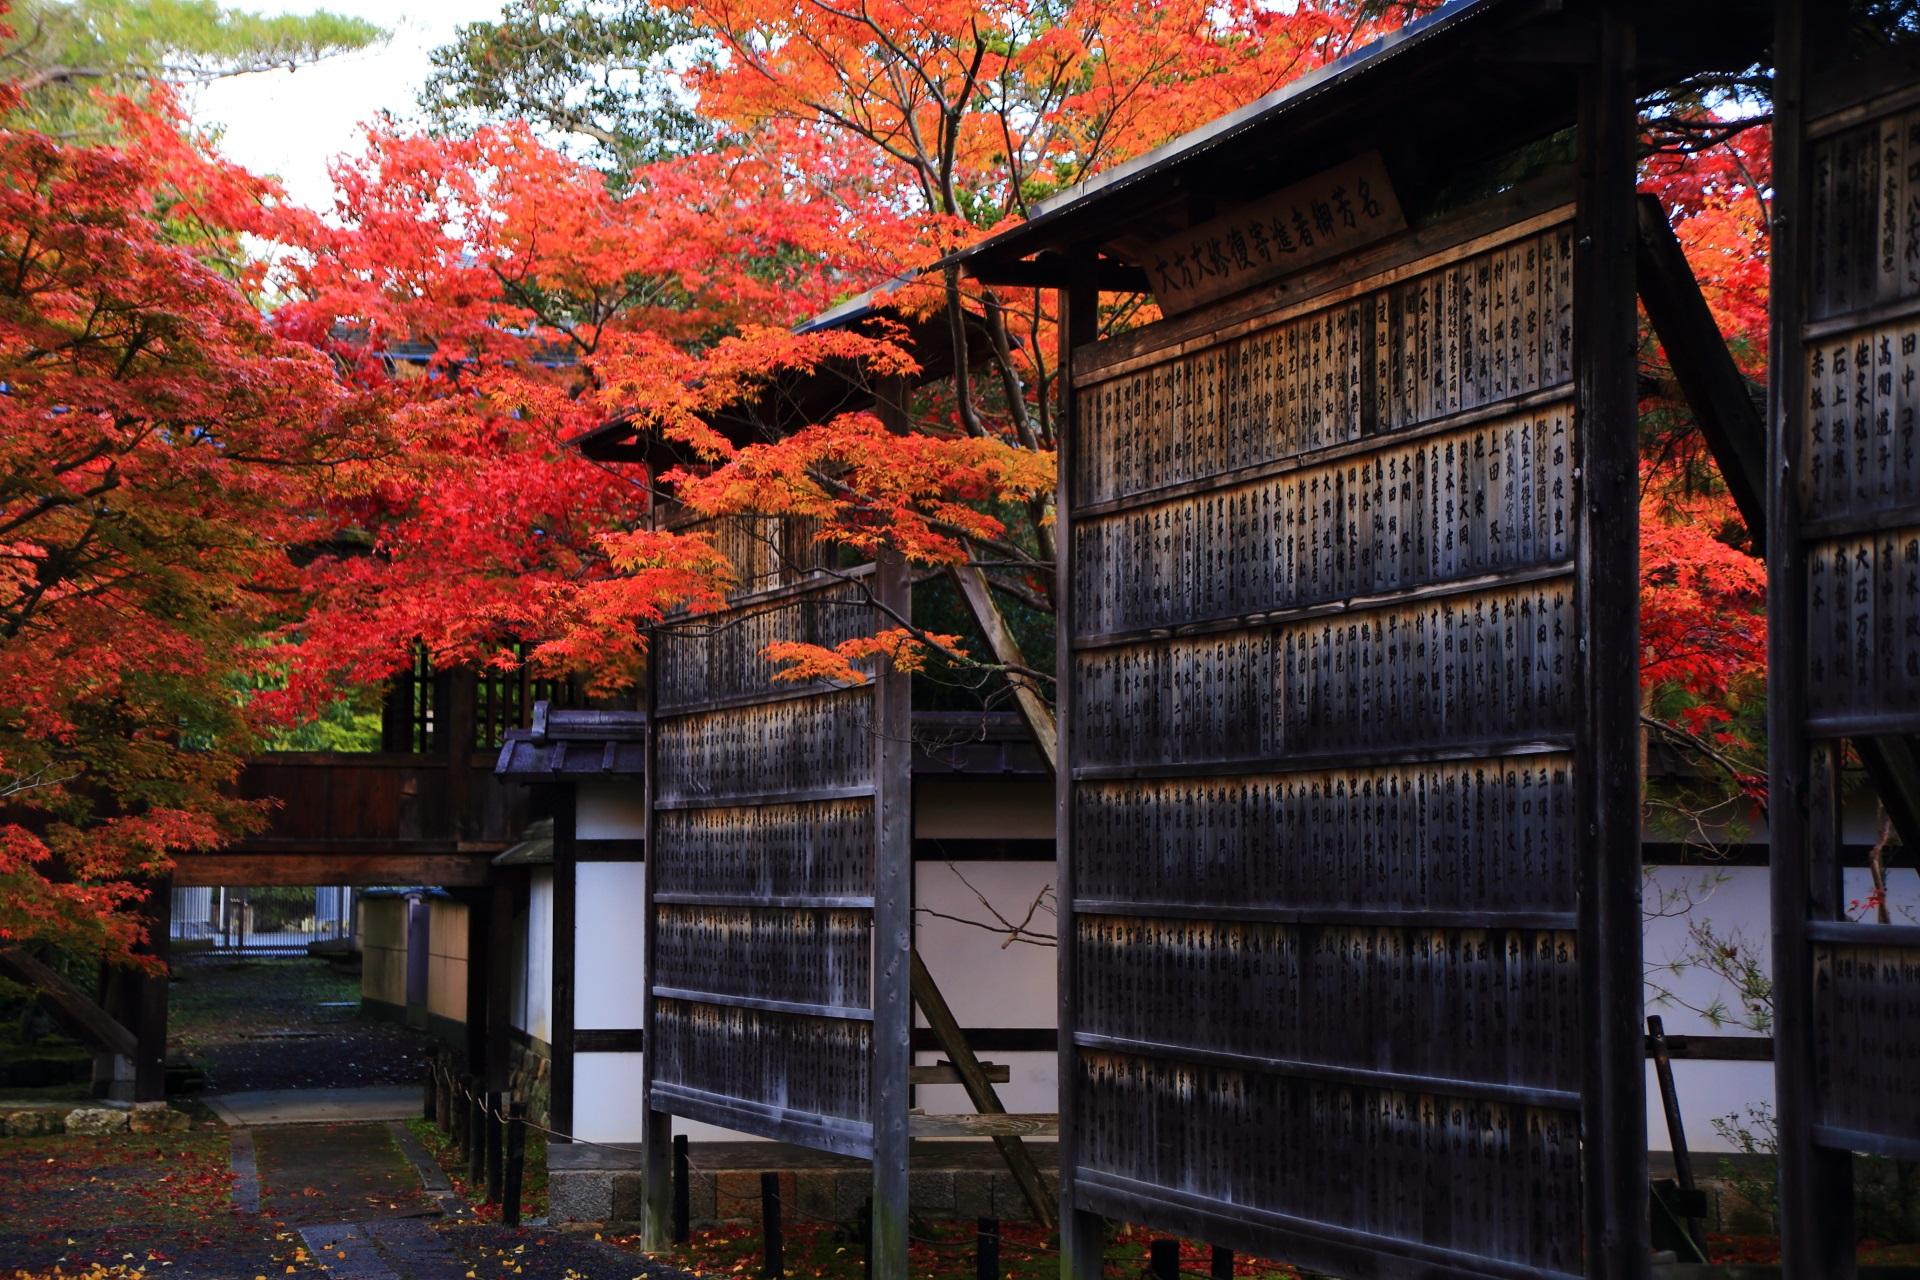 清涼寺の素晴らしすぎる紅葉と秋の情景